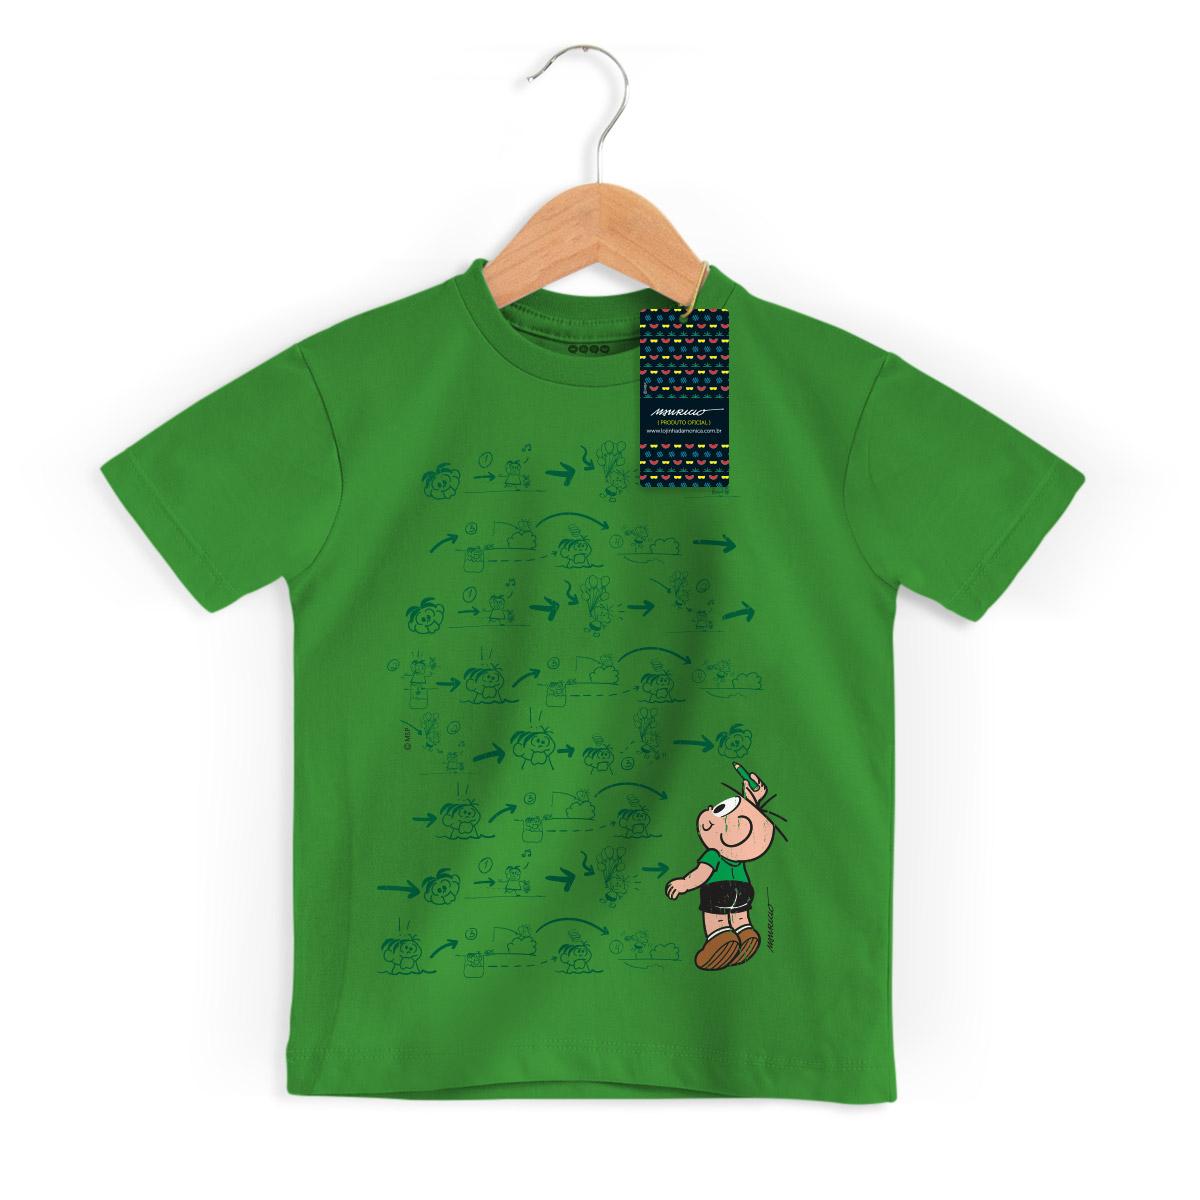 Camiseta Infantil Turma Da Mônica Cool Green Cebolinha